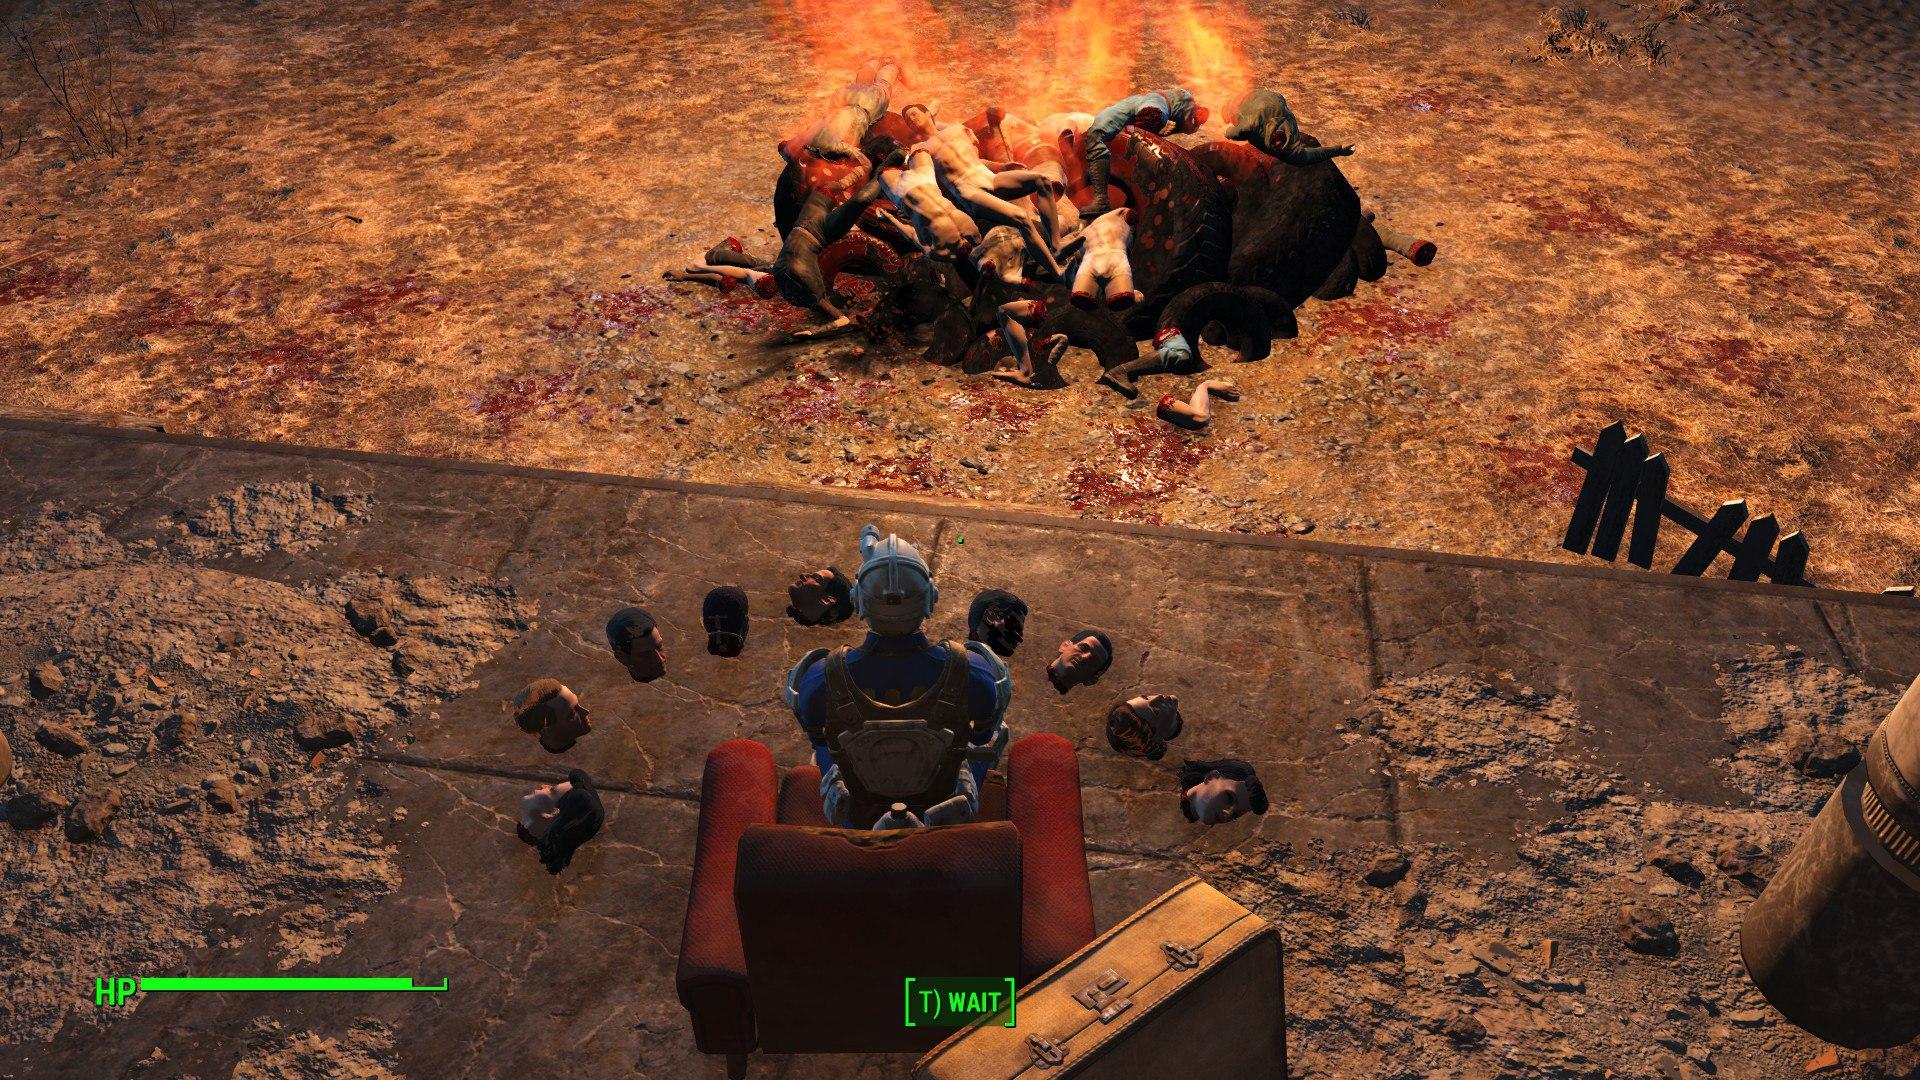 В Fallout 4 всегда есть чем развлечь себя .